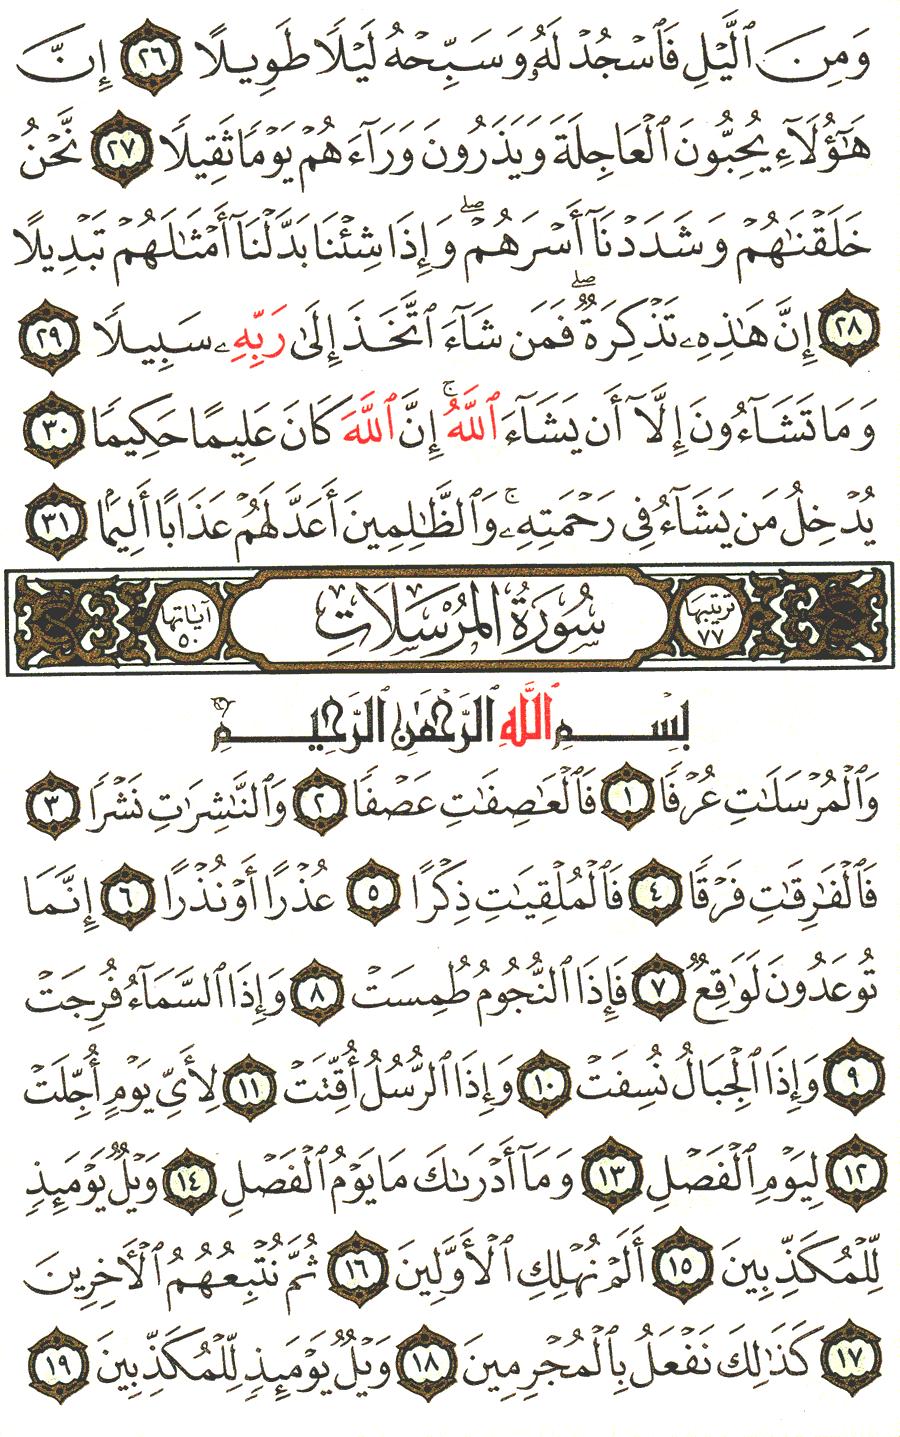 الصفحة رقم 580 من القرآن الكريم مكتوبة من المصحف